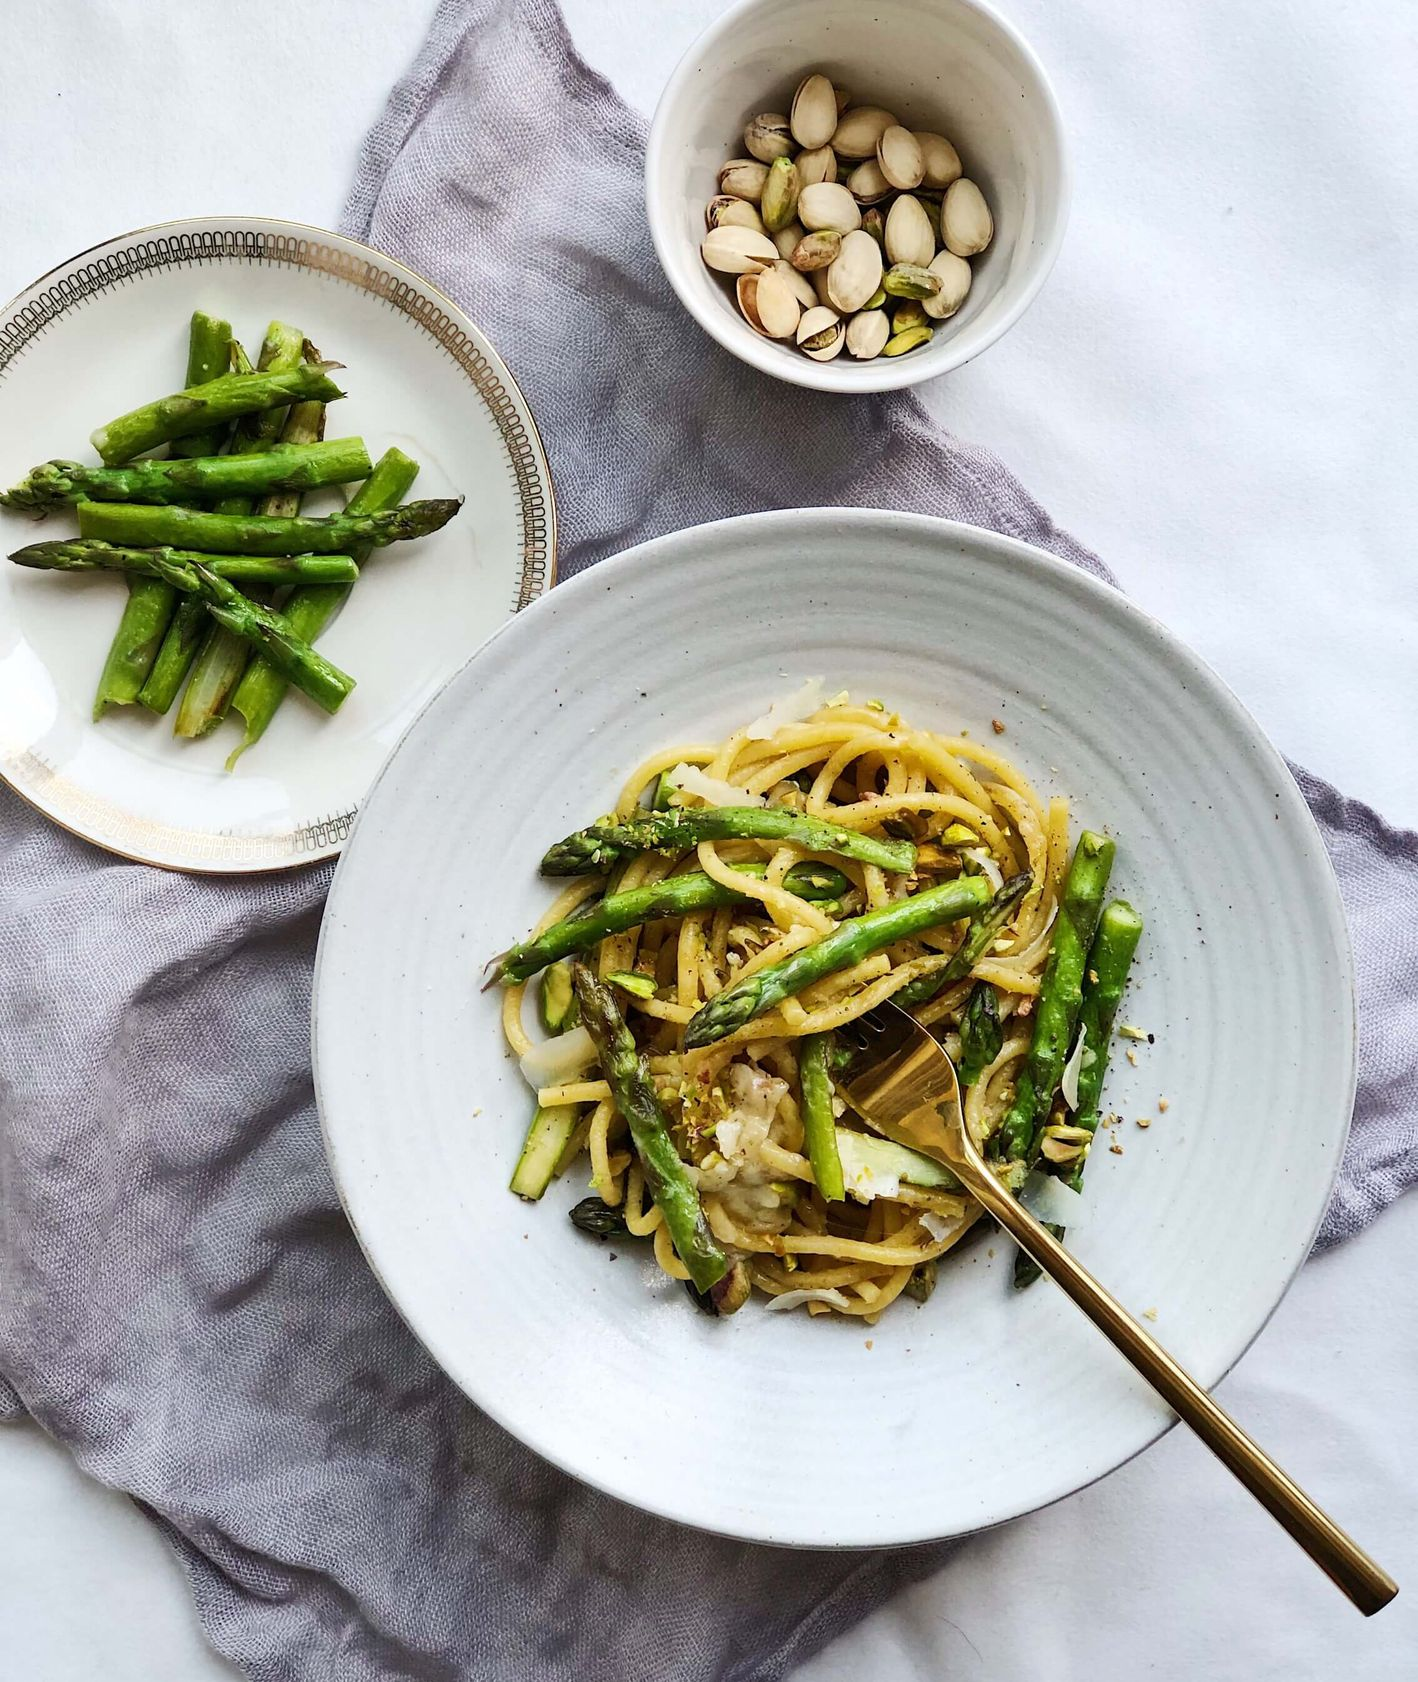 przepisy ze szparagami, makaron z zielonymi szparagami i pistacjami